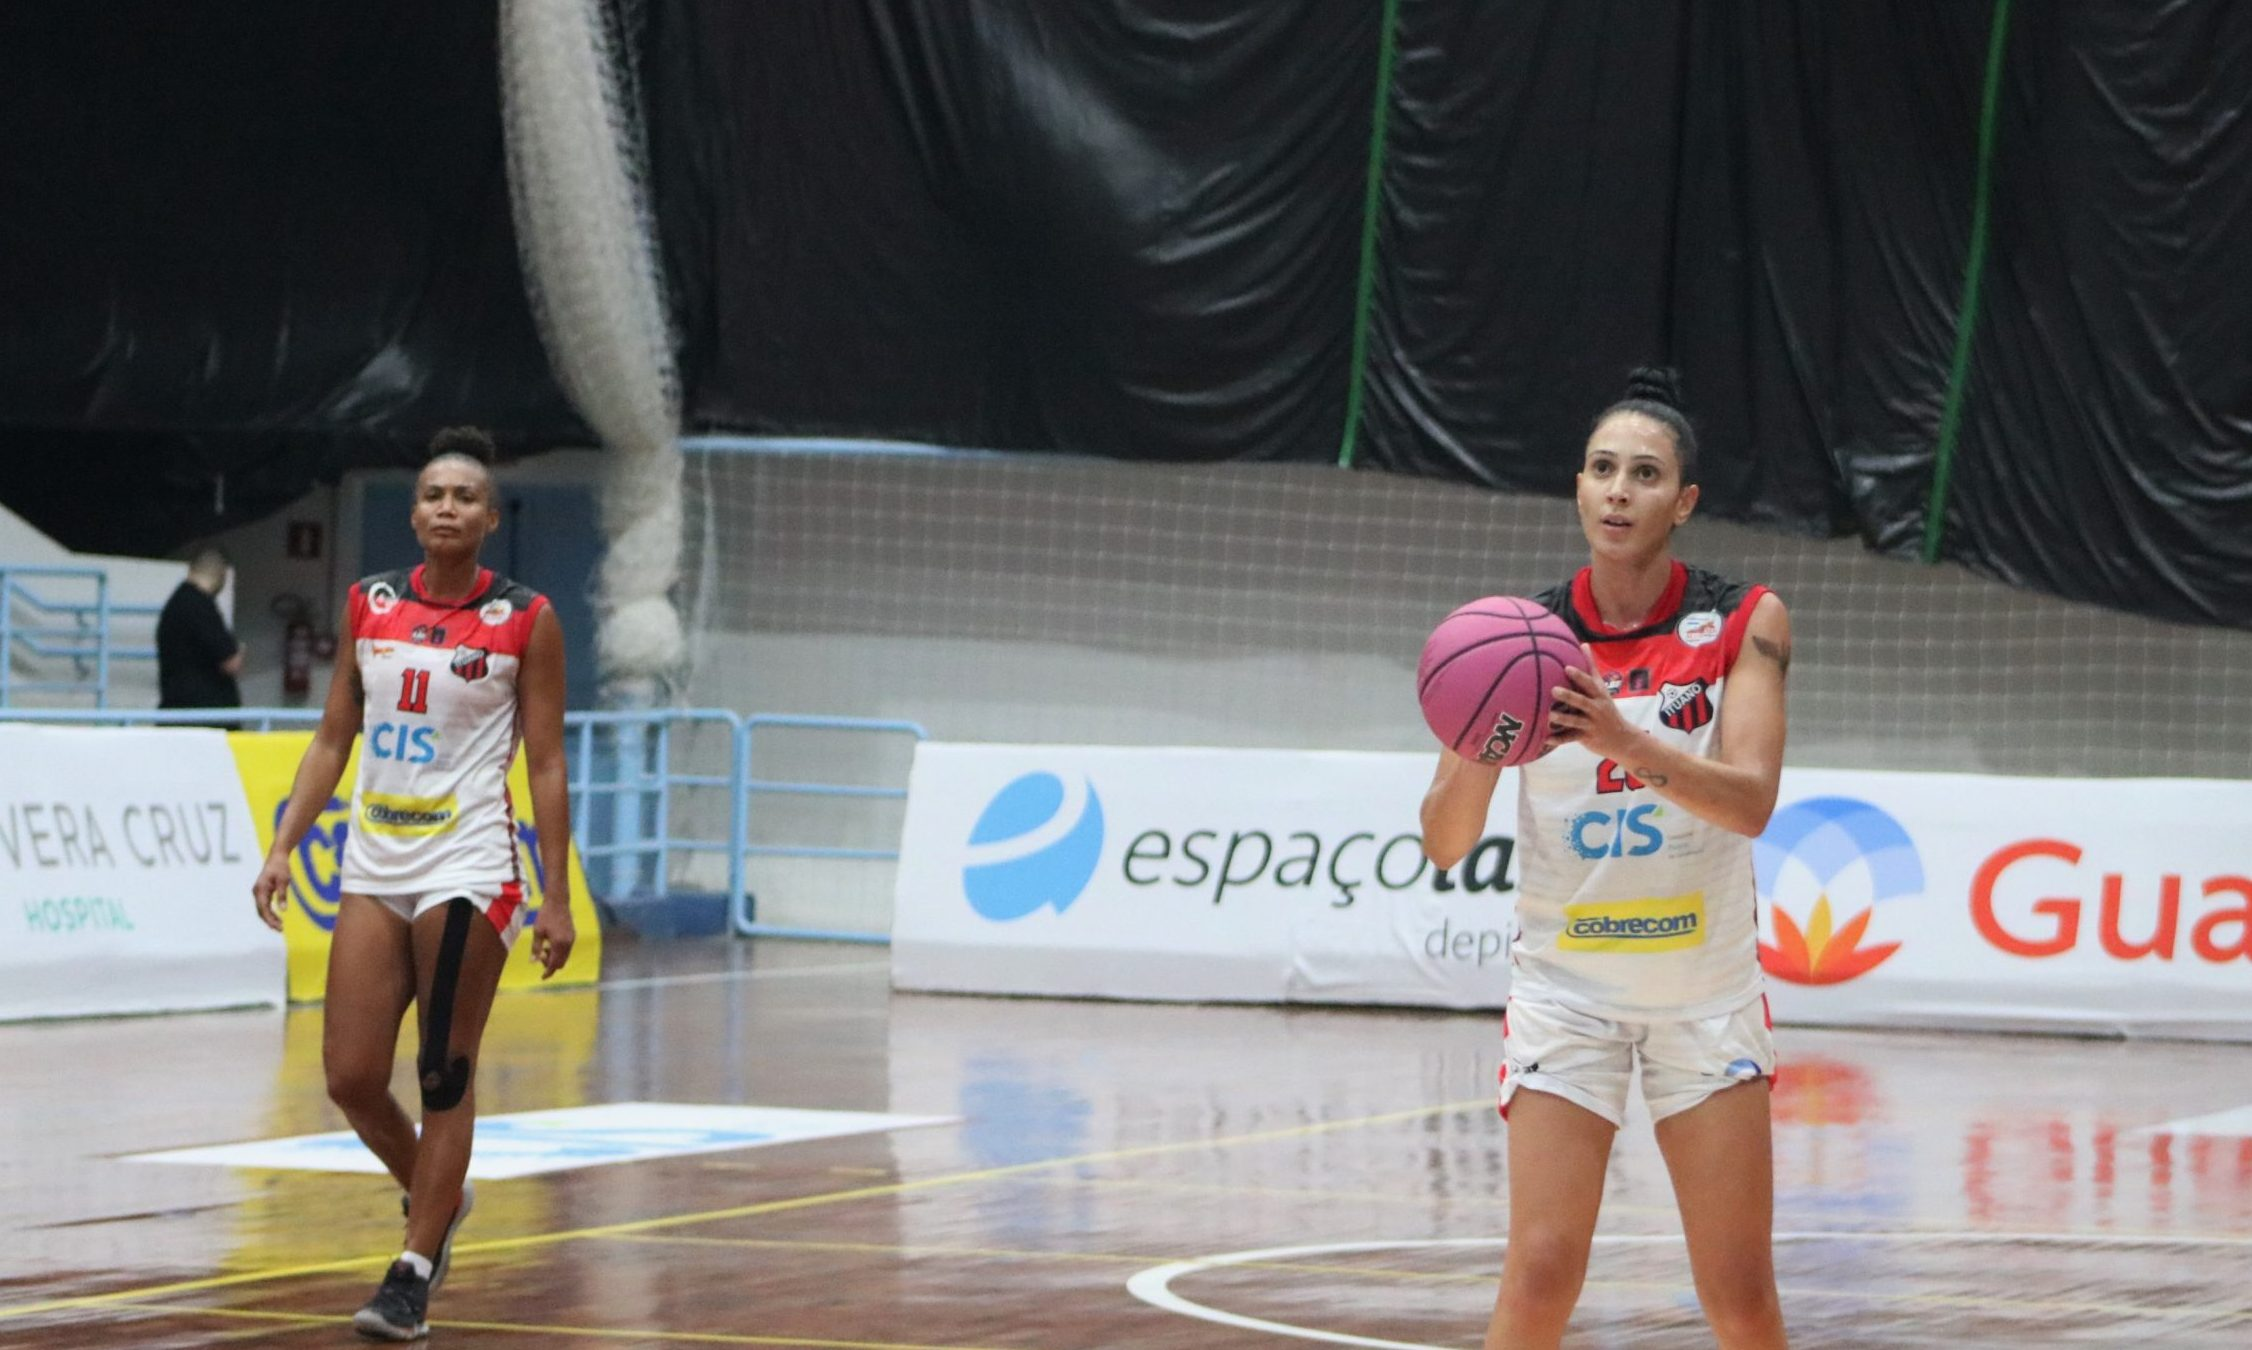 Patty Teixeira Ituano Araraquara LBF